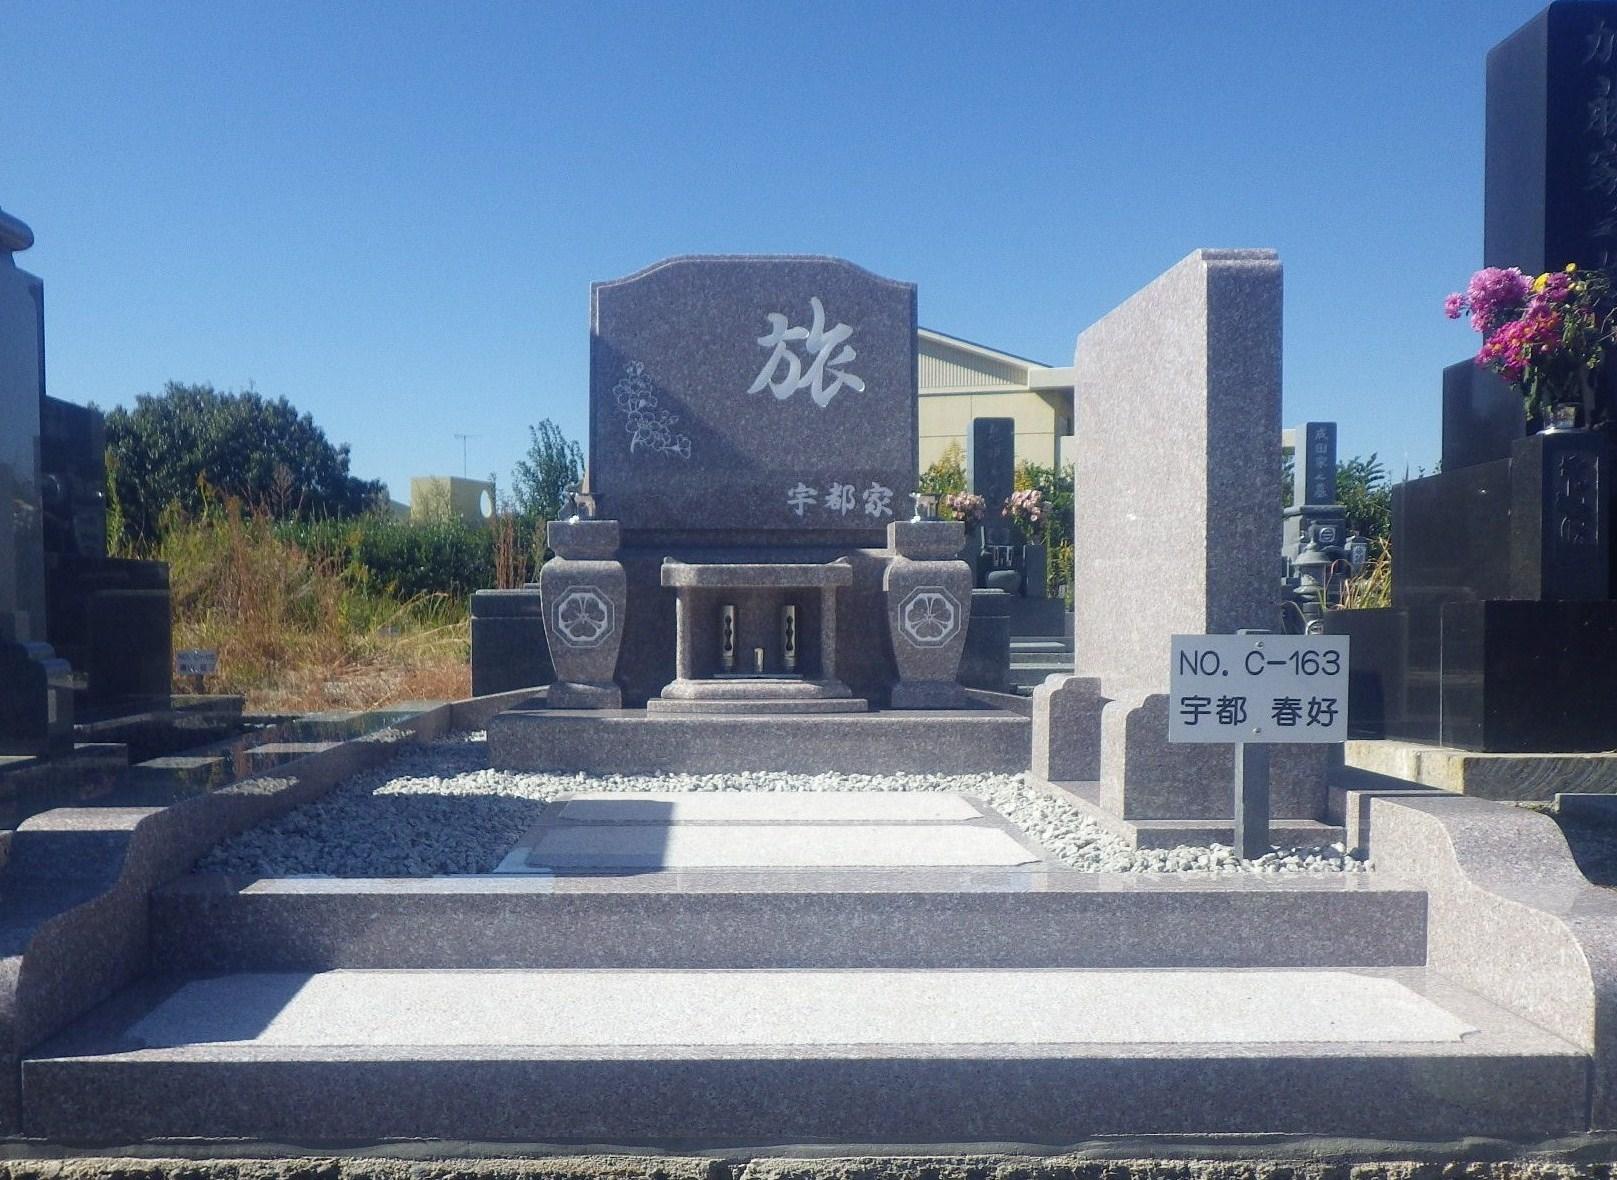 201411 ○みよし市福谷町 地域墓地(福谷墓地 C-163 )   中国産 G663 洋型墓石 宇都春好様